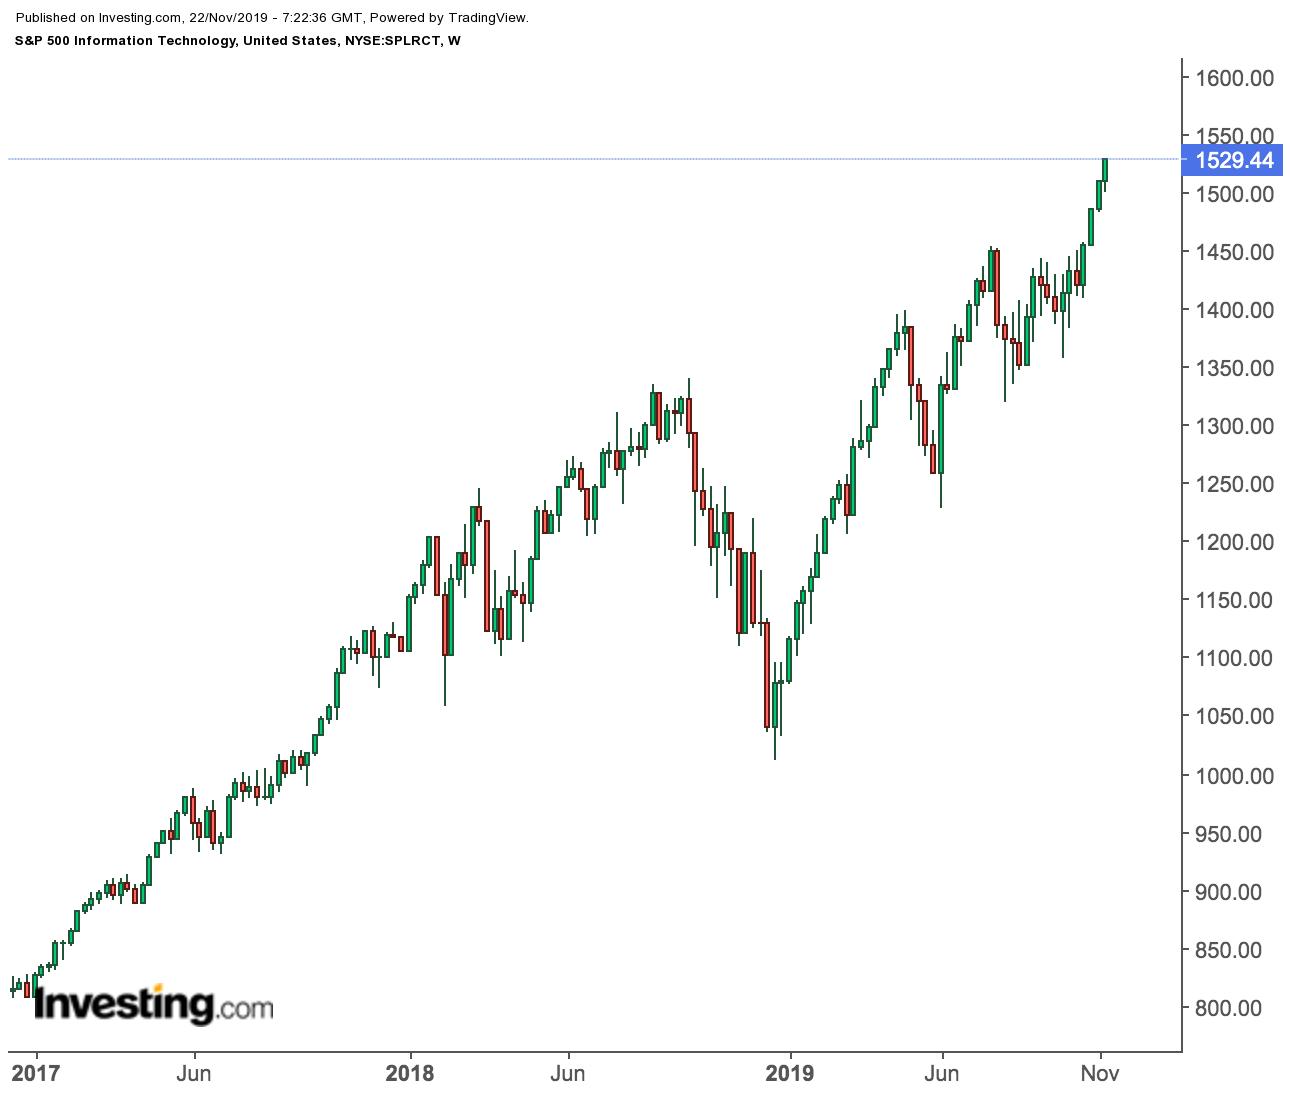 S&P 500 Technology - Wochenchart